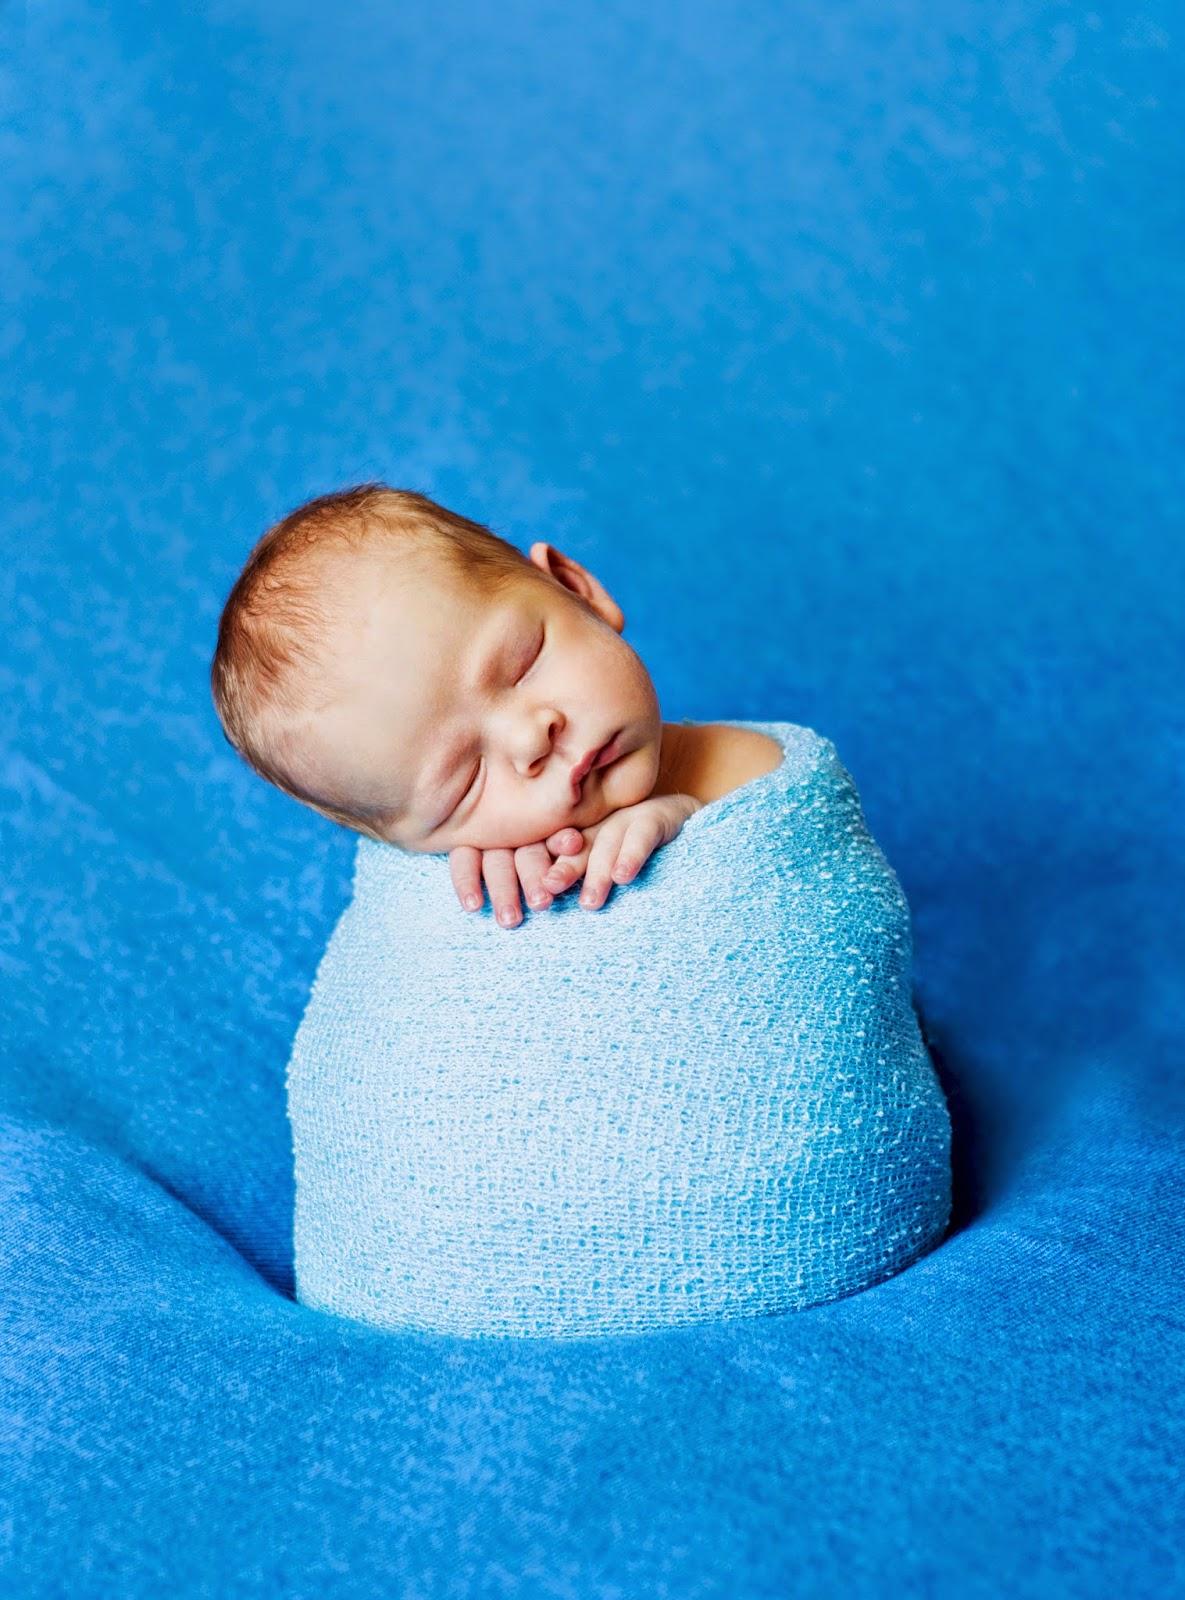 фото новорожденных, спящие малыши, съемка новорожденных Екатеринбург, Верхняя Пышма